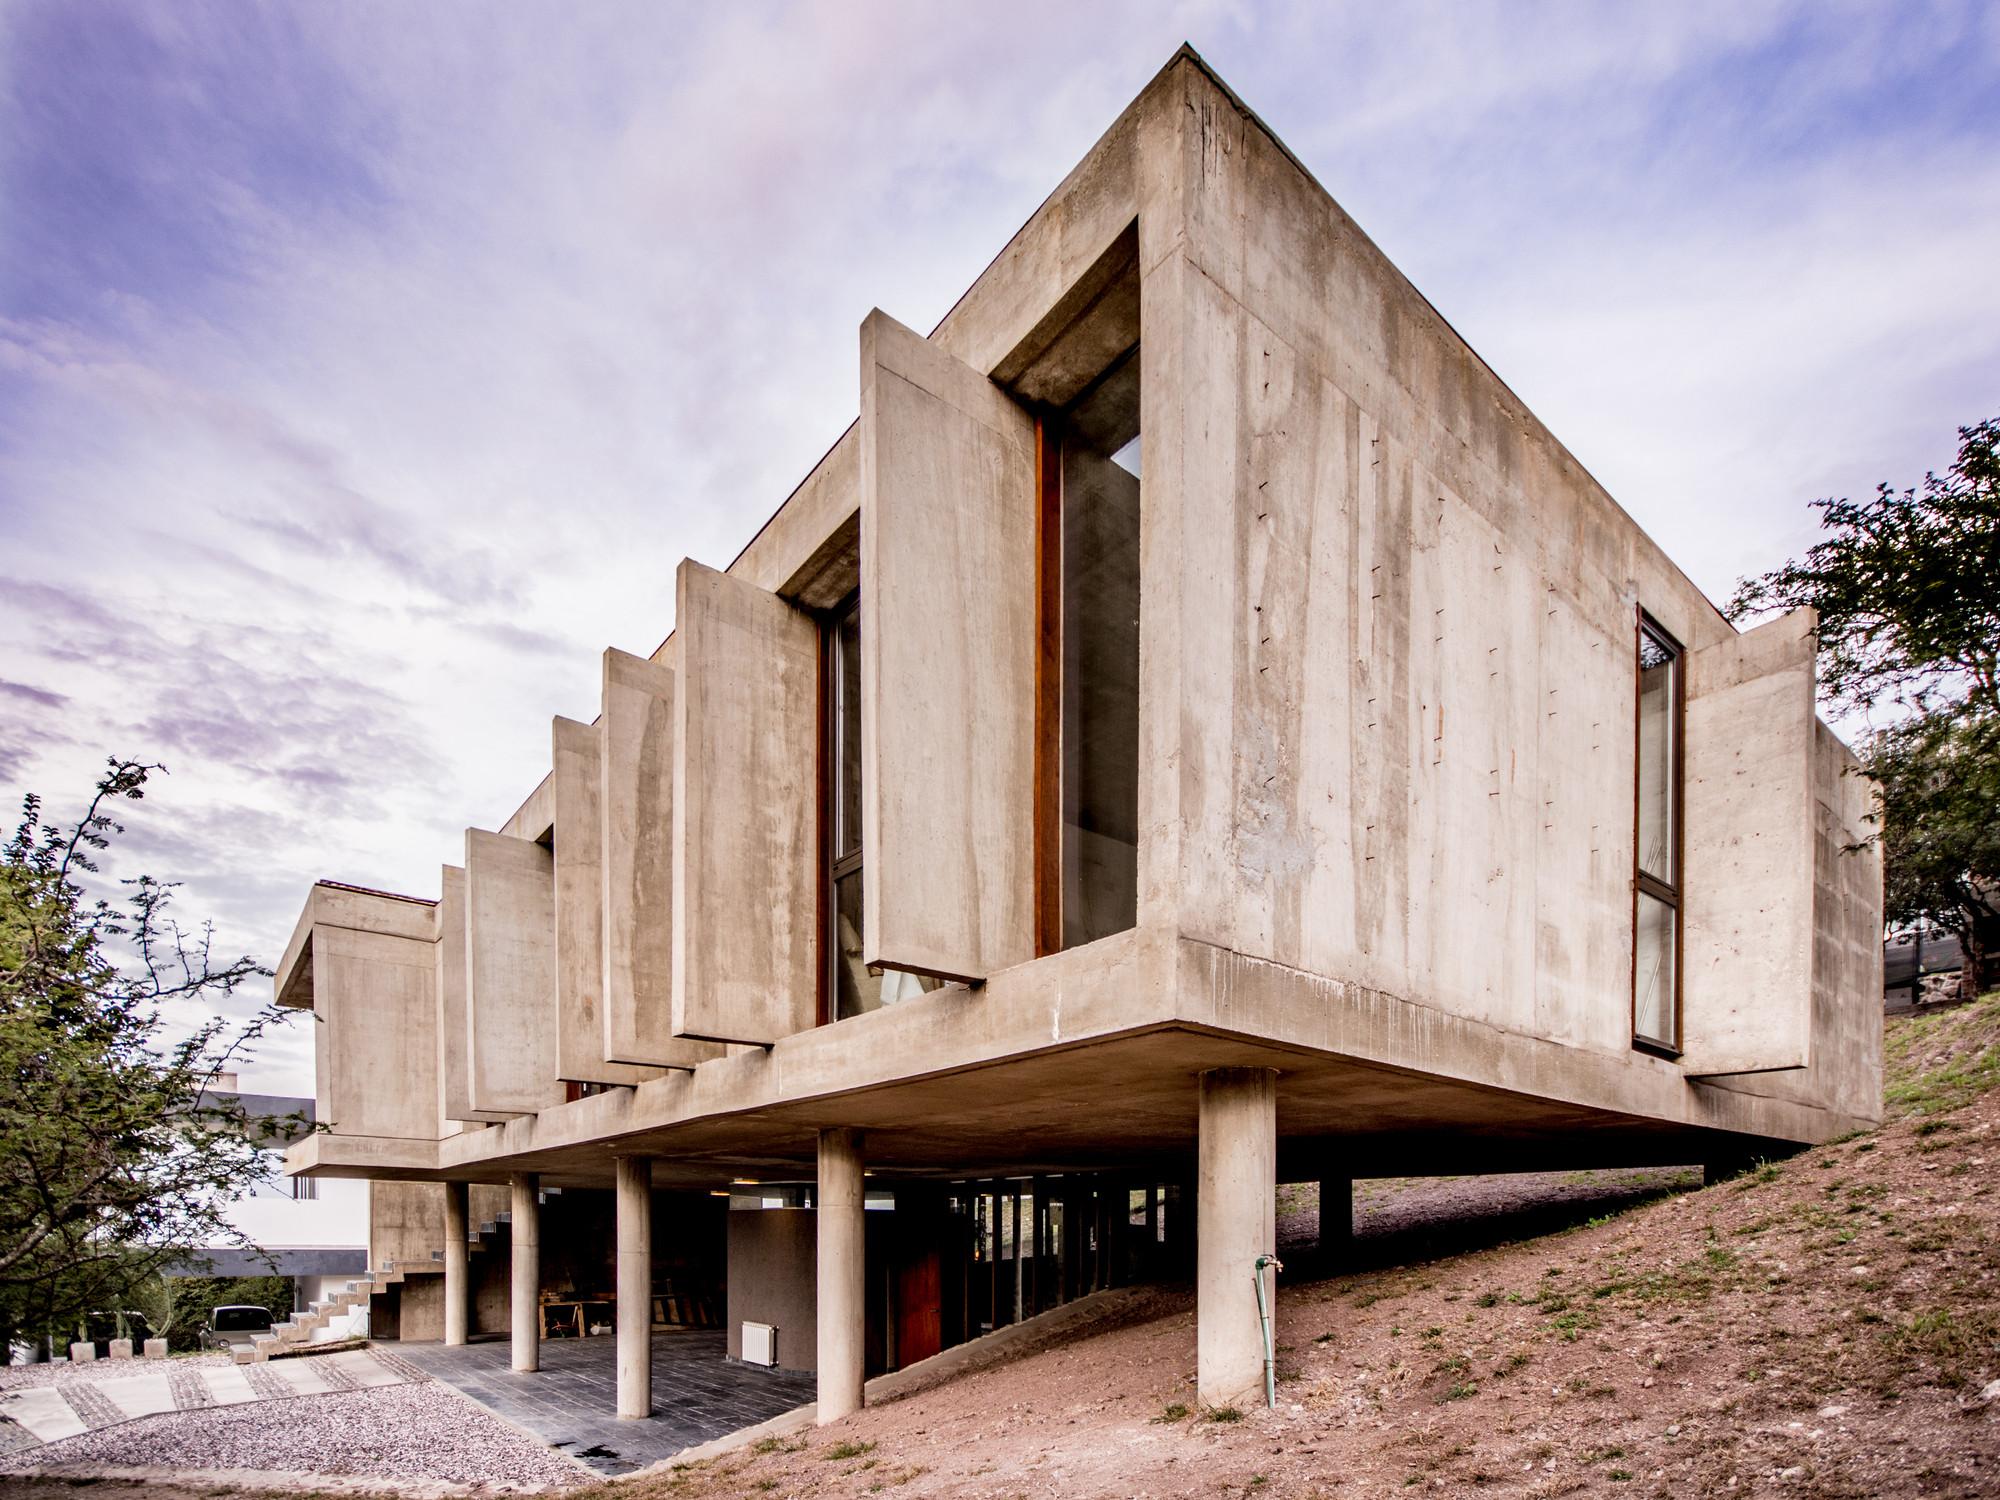 House in La Rufina / Santiago Carlos Viale + Daniella Beviglia, © Gonzalo Viramonte